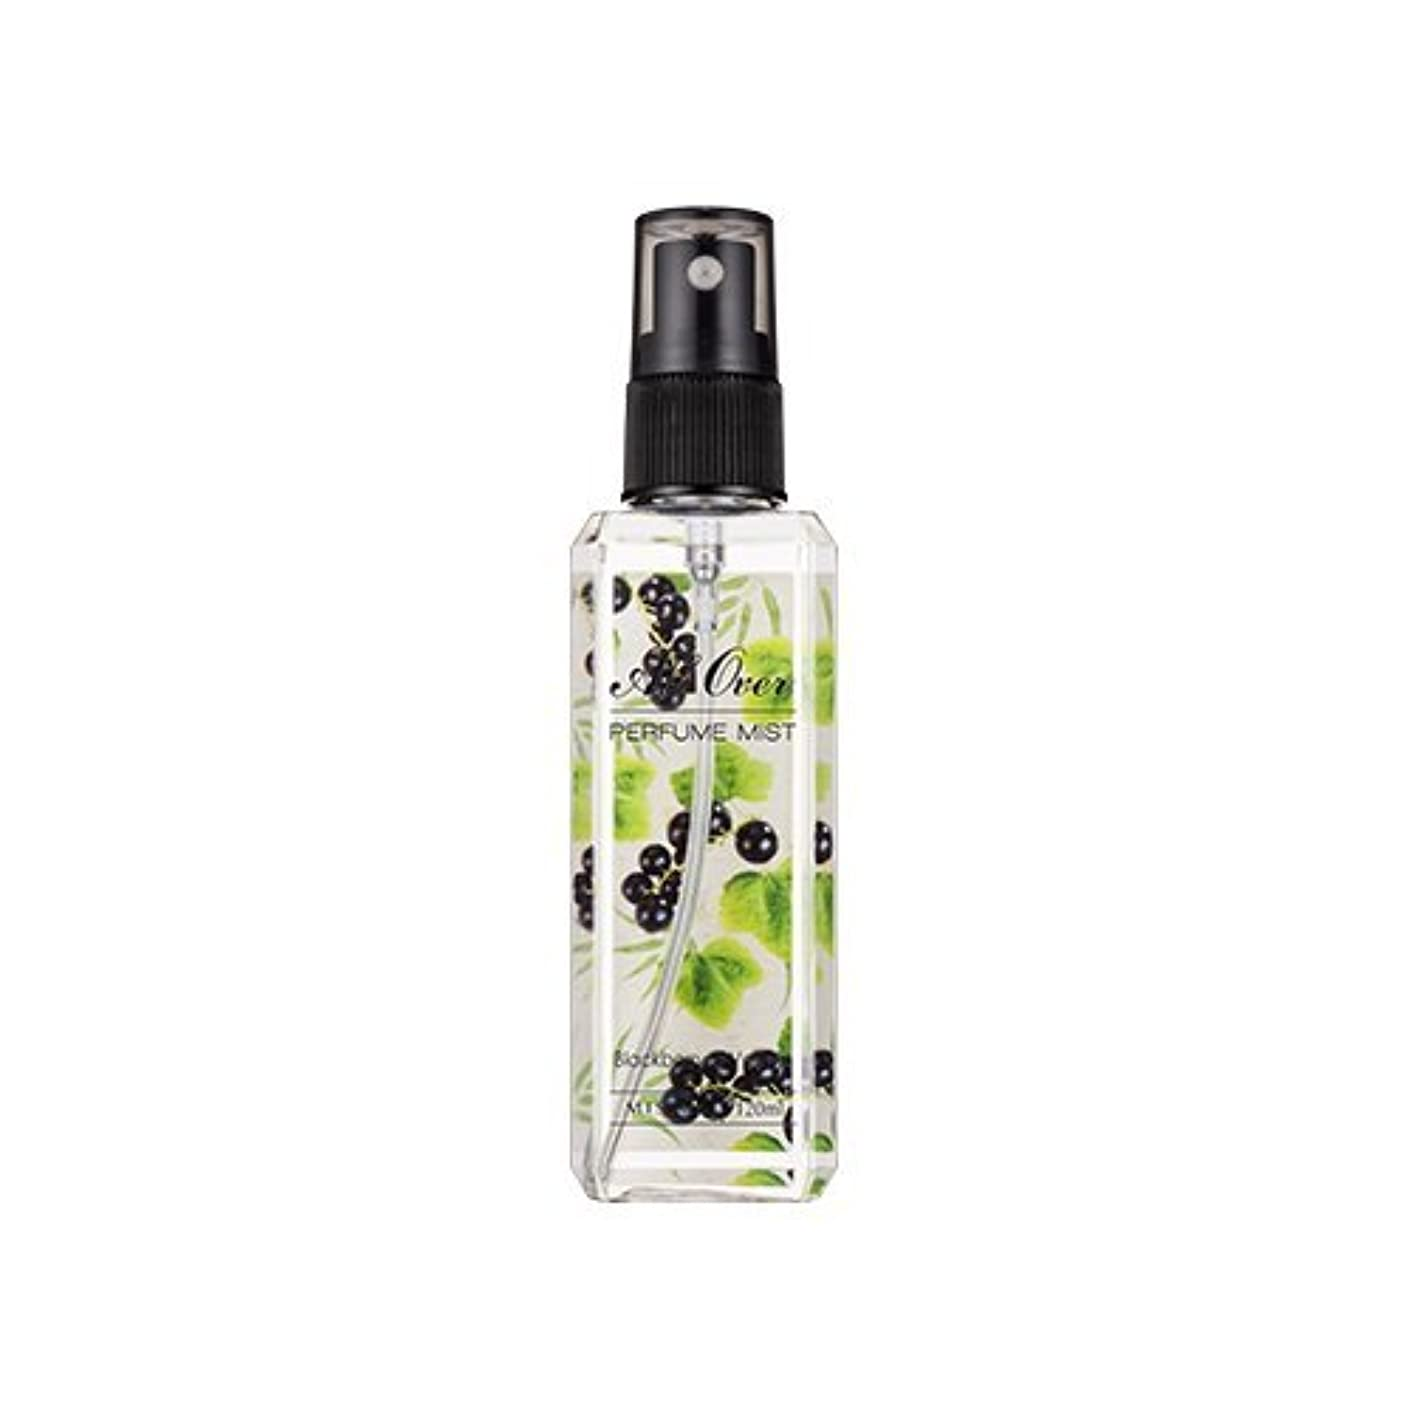 部分語突撃MISSHA All Over Perfumed Mist(BlackBerry & Vetiver)t / ミシャ オールオーバーパフュームミスト (BlackBerry & Vetiver) [並行輸入品]